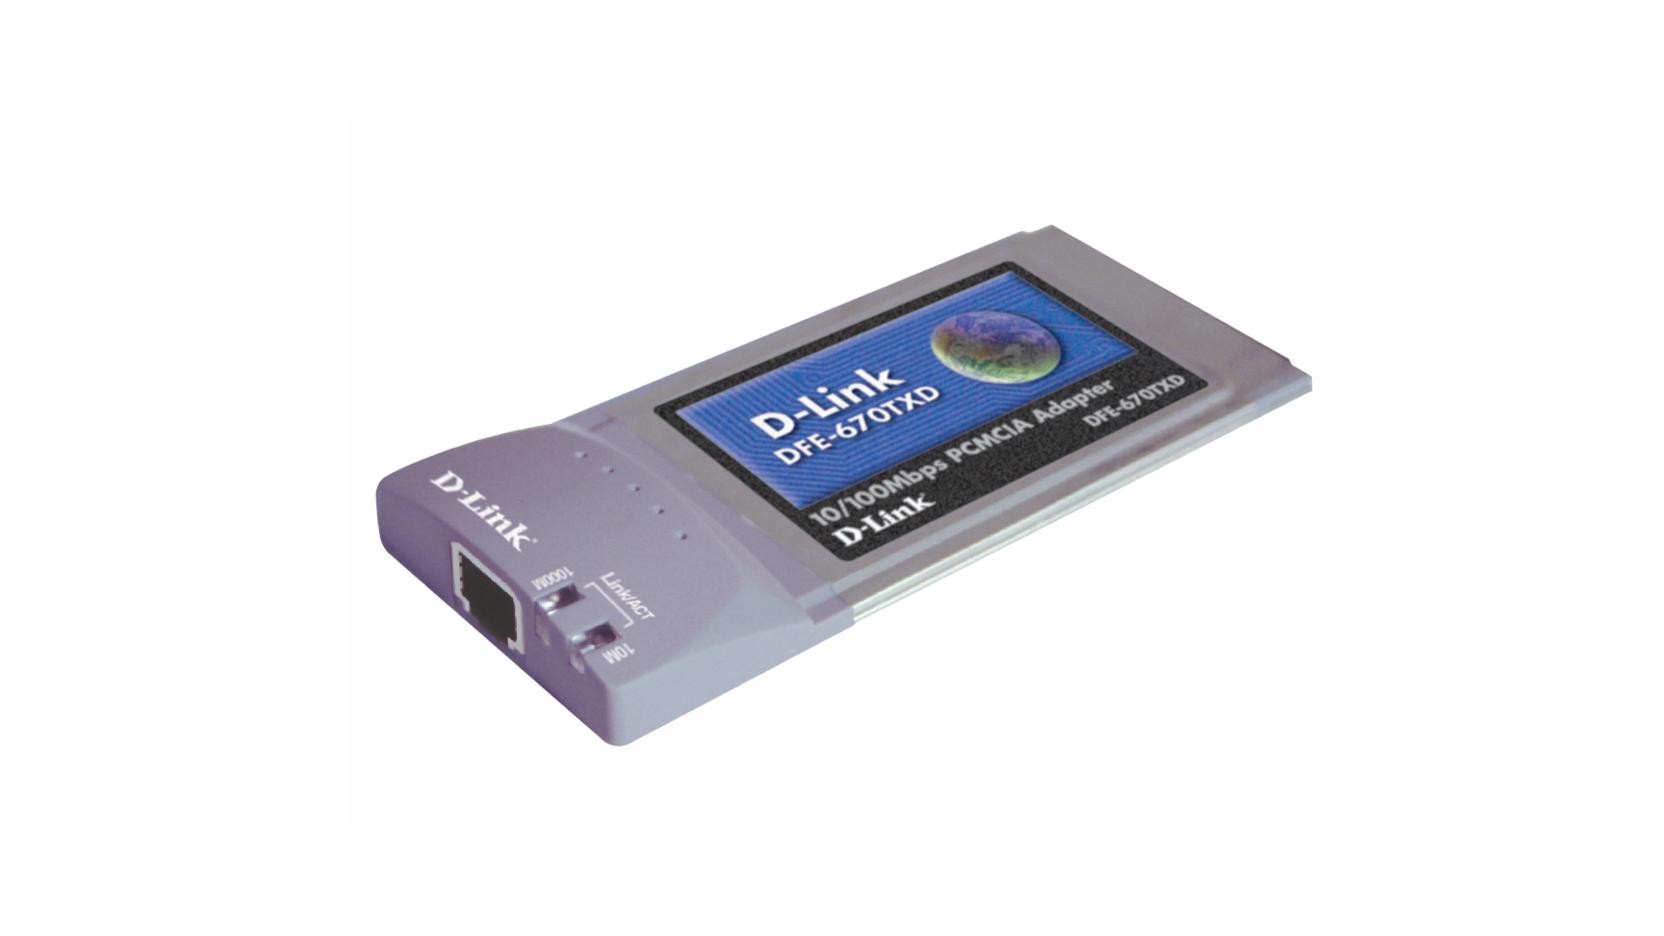 Benq pb6240 driver download.